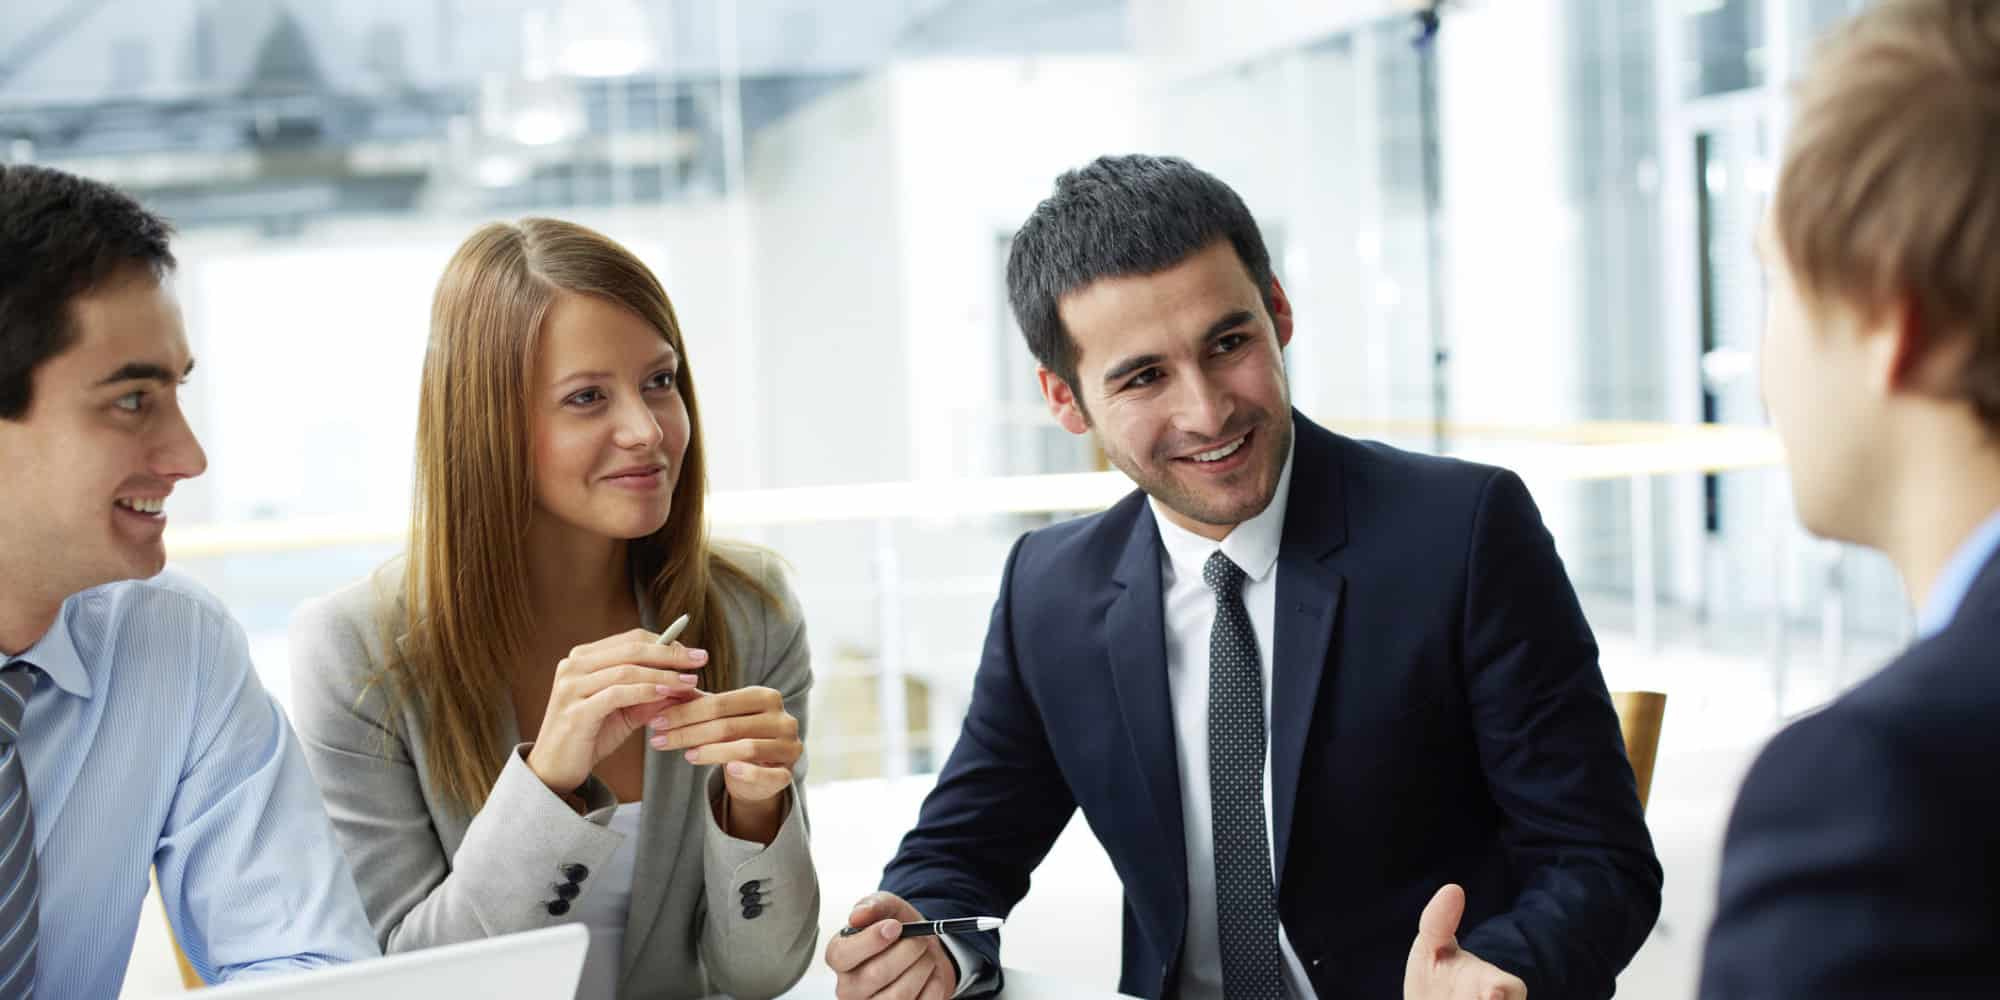 7 Tips Meningkatkan Manajemen karyawan yang Membawa Harmoni ke Tempat Kerja